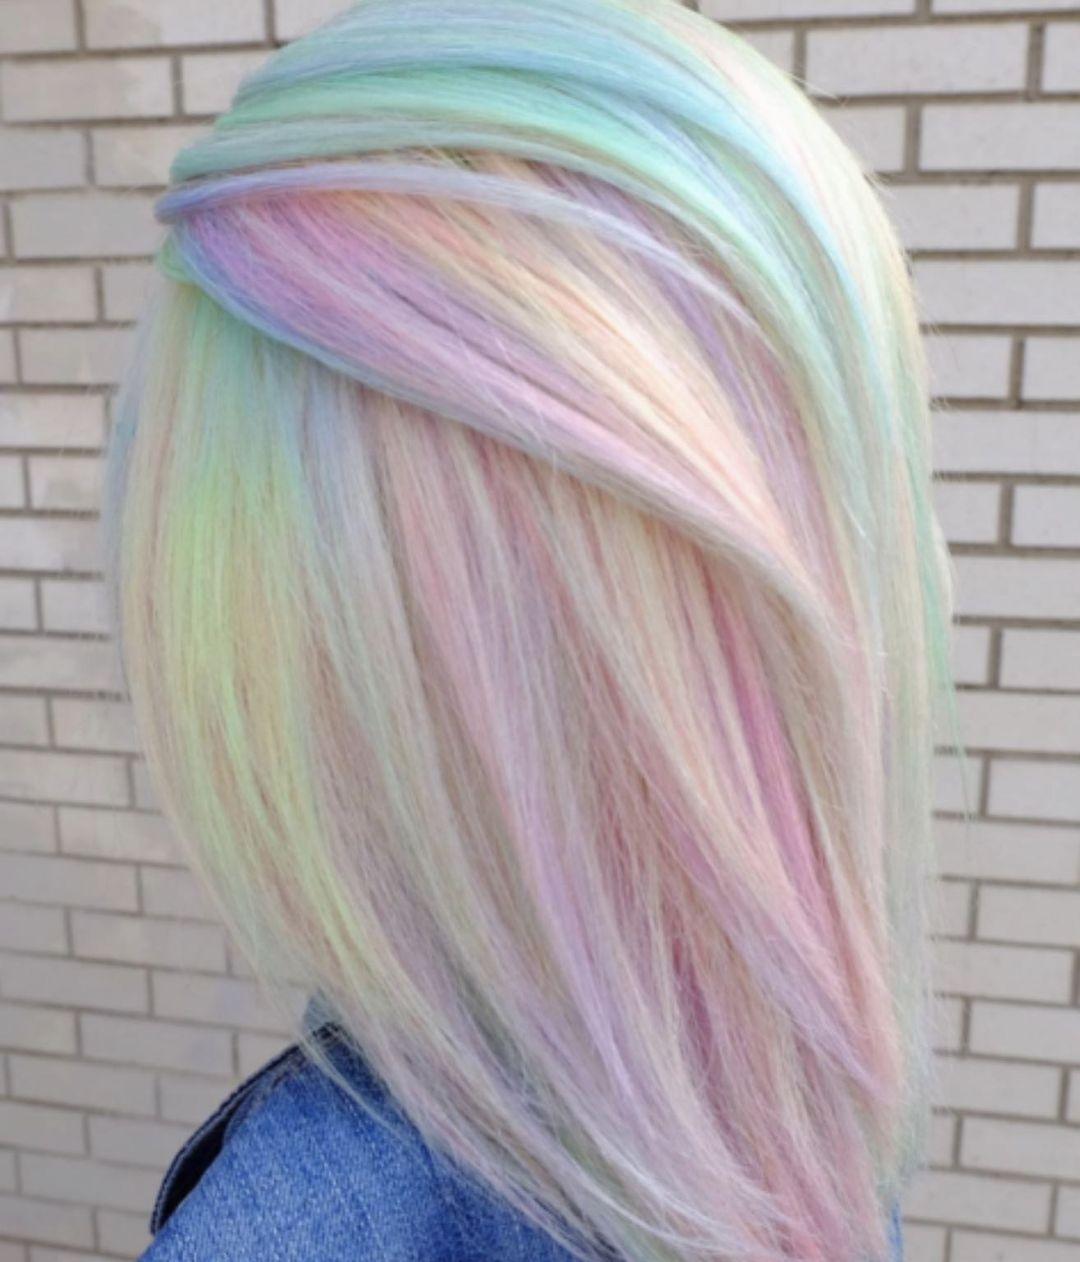 Mittellanger Haarschnitt für Frauen und kreative Ideen für Haarfarben für den Sommer 2021-2022